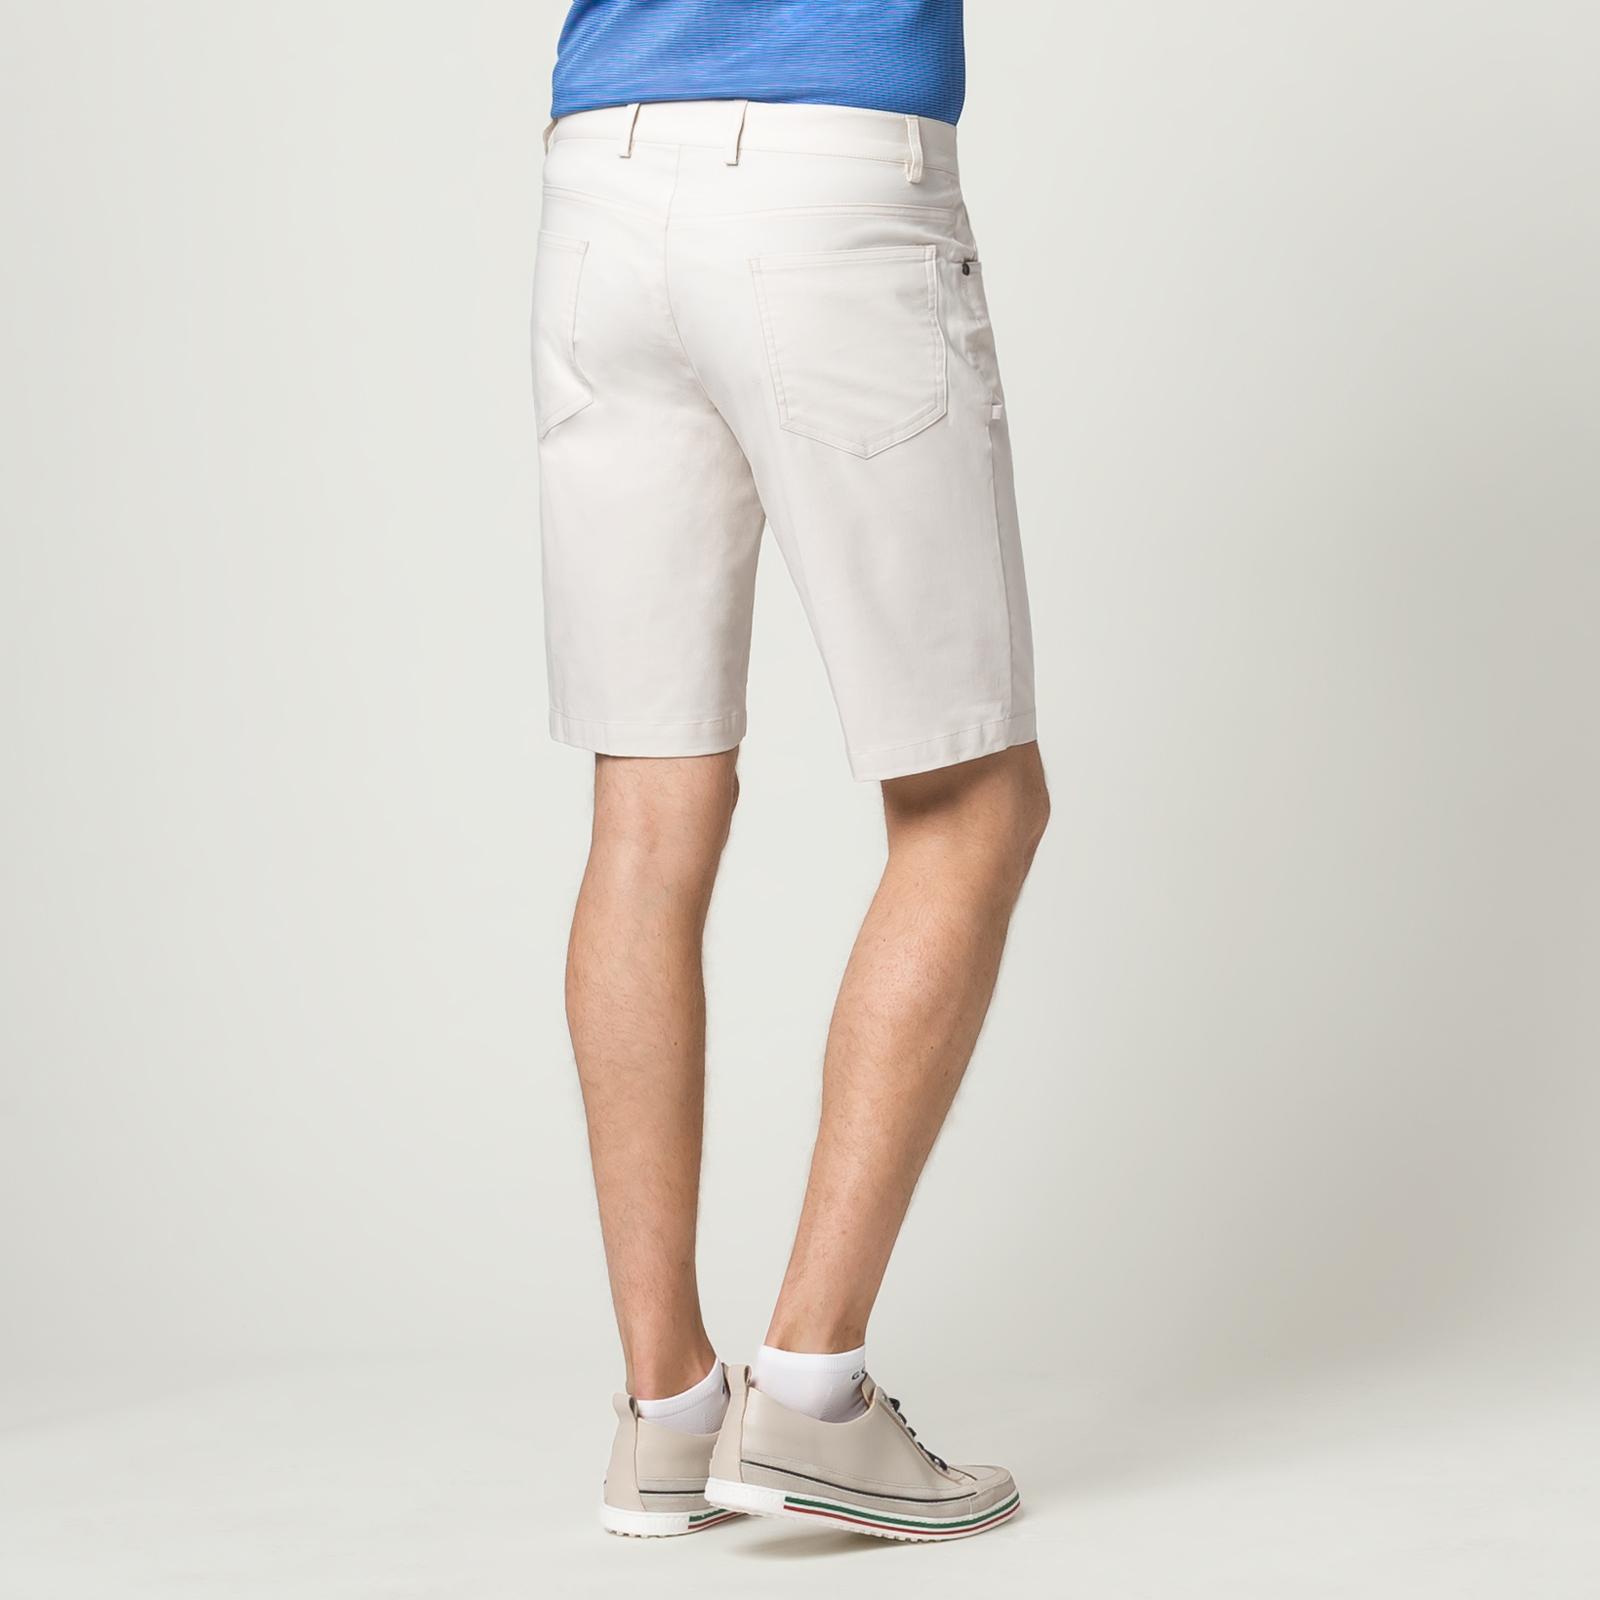 Herren Golf-Bermuda mit Extra Stretch Komfort im 5-Pocket-Stil und Slim Fit